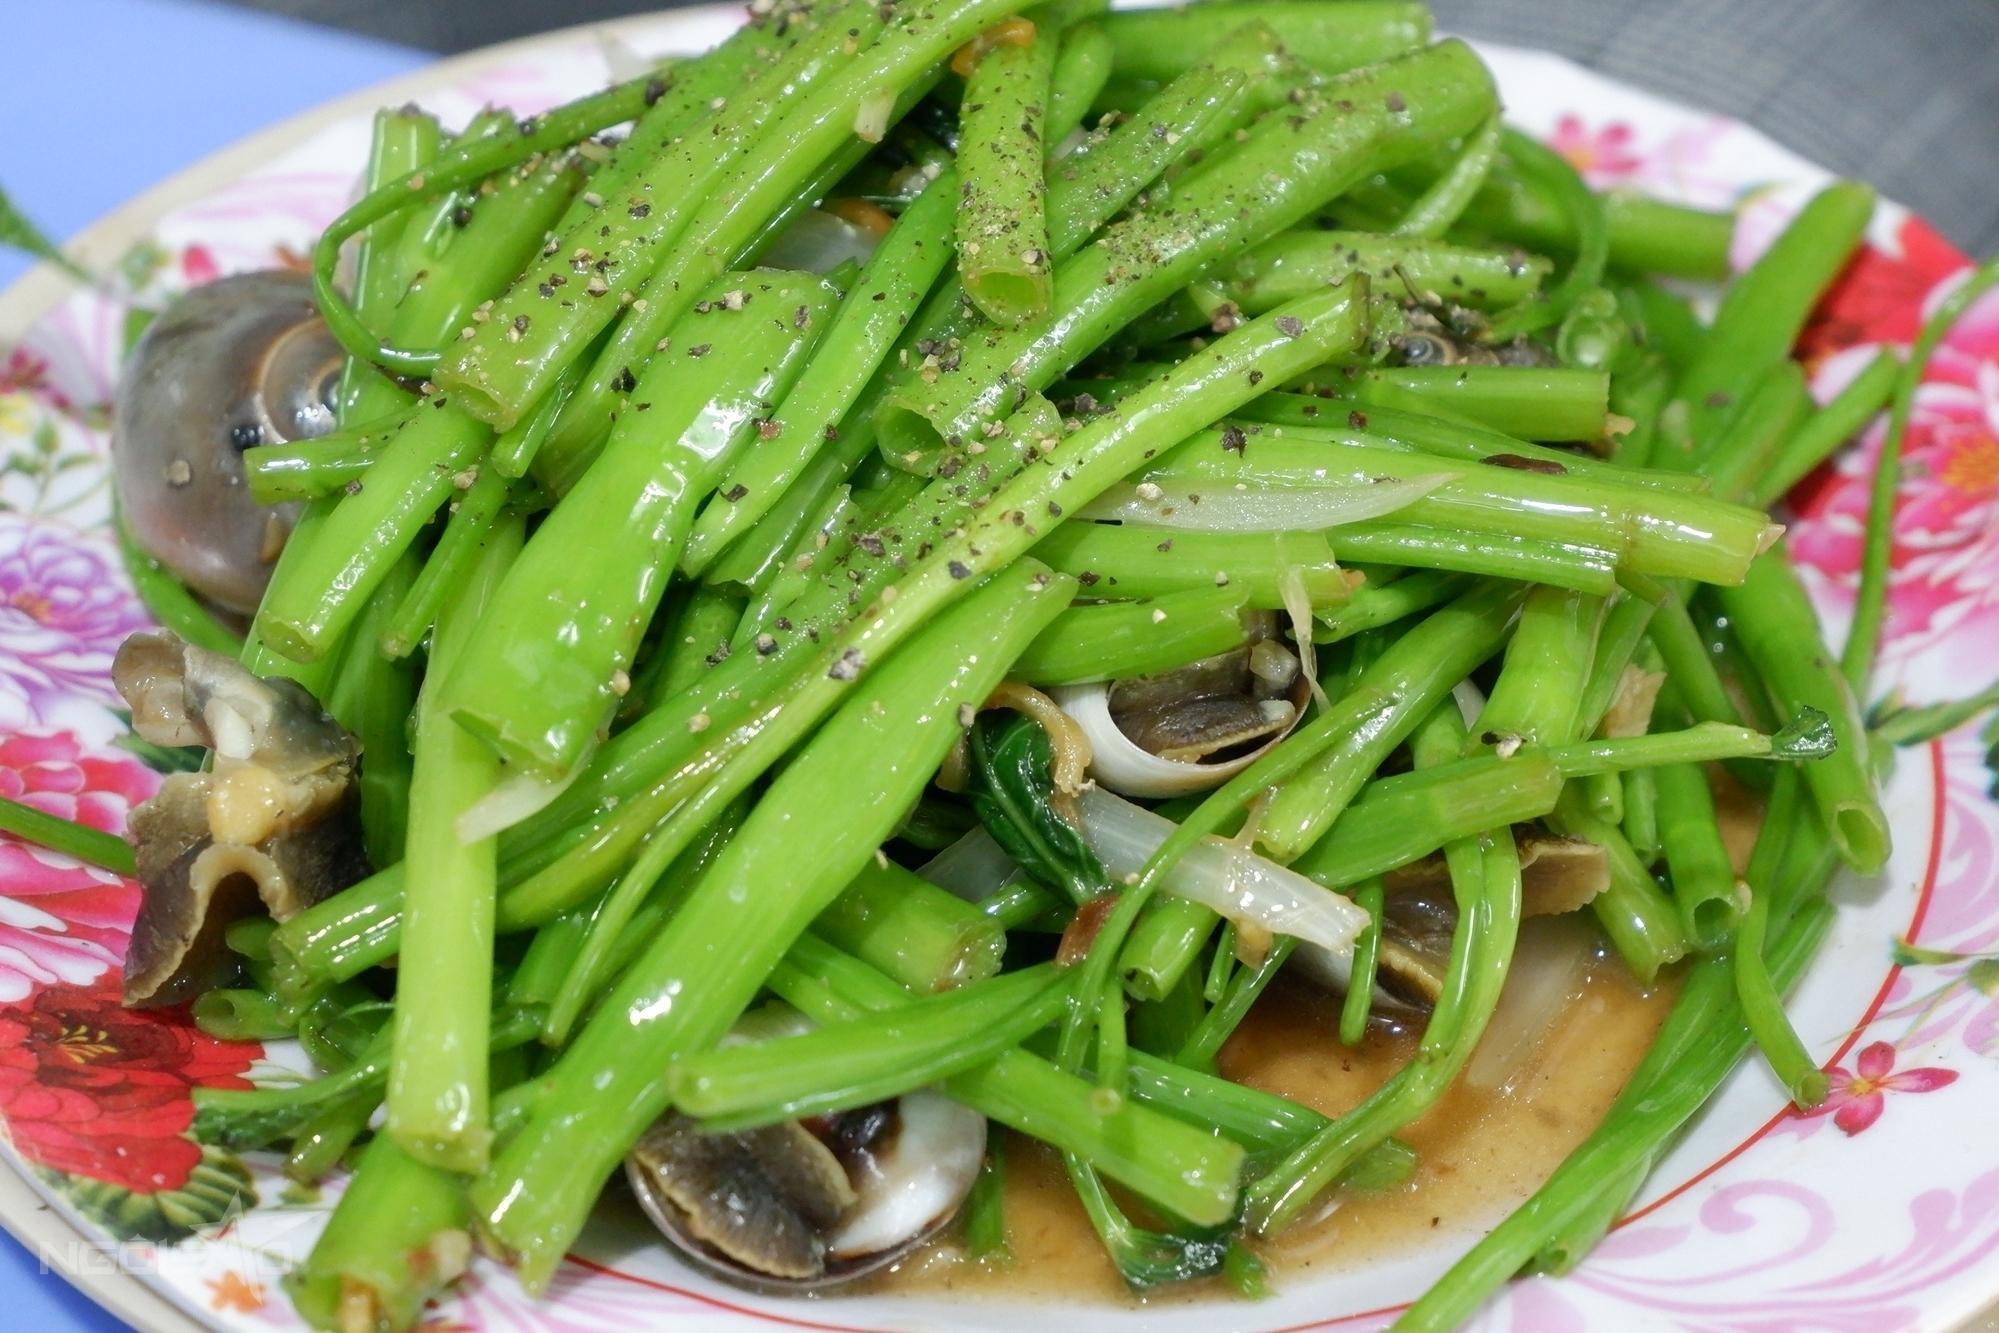 Ốc xào rau muống là một trong những món rất được người miền Nam ưa chuộng. Cách chế biến giống như những món thịt xào rau. Đối với những con ốc to như ốc giác, ốc khế bạn lấy thịt, cắt nhỏ. Còn loại ốc vừa ăn như ốc mỡ, ốc móng tay... thì bạn để cả vỏ. Luộc ốc xong cho vào xào trước, kế đến cho rau vào, nêm nếm gia vị tùy sở thích là xong. Thịt ốc sần sật ăn kèm rau muống giòn đã miệng.